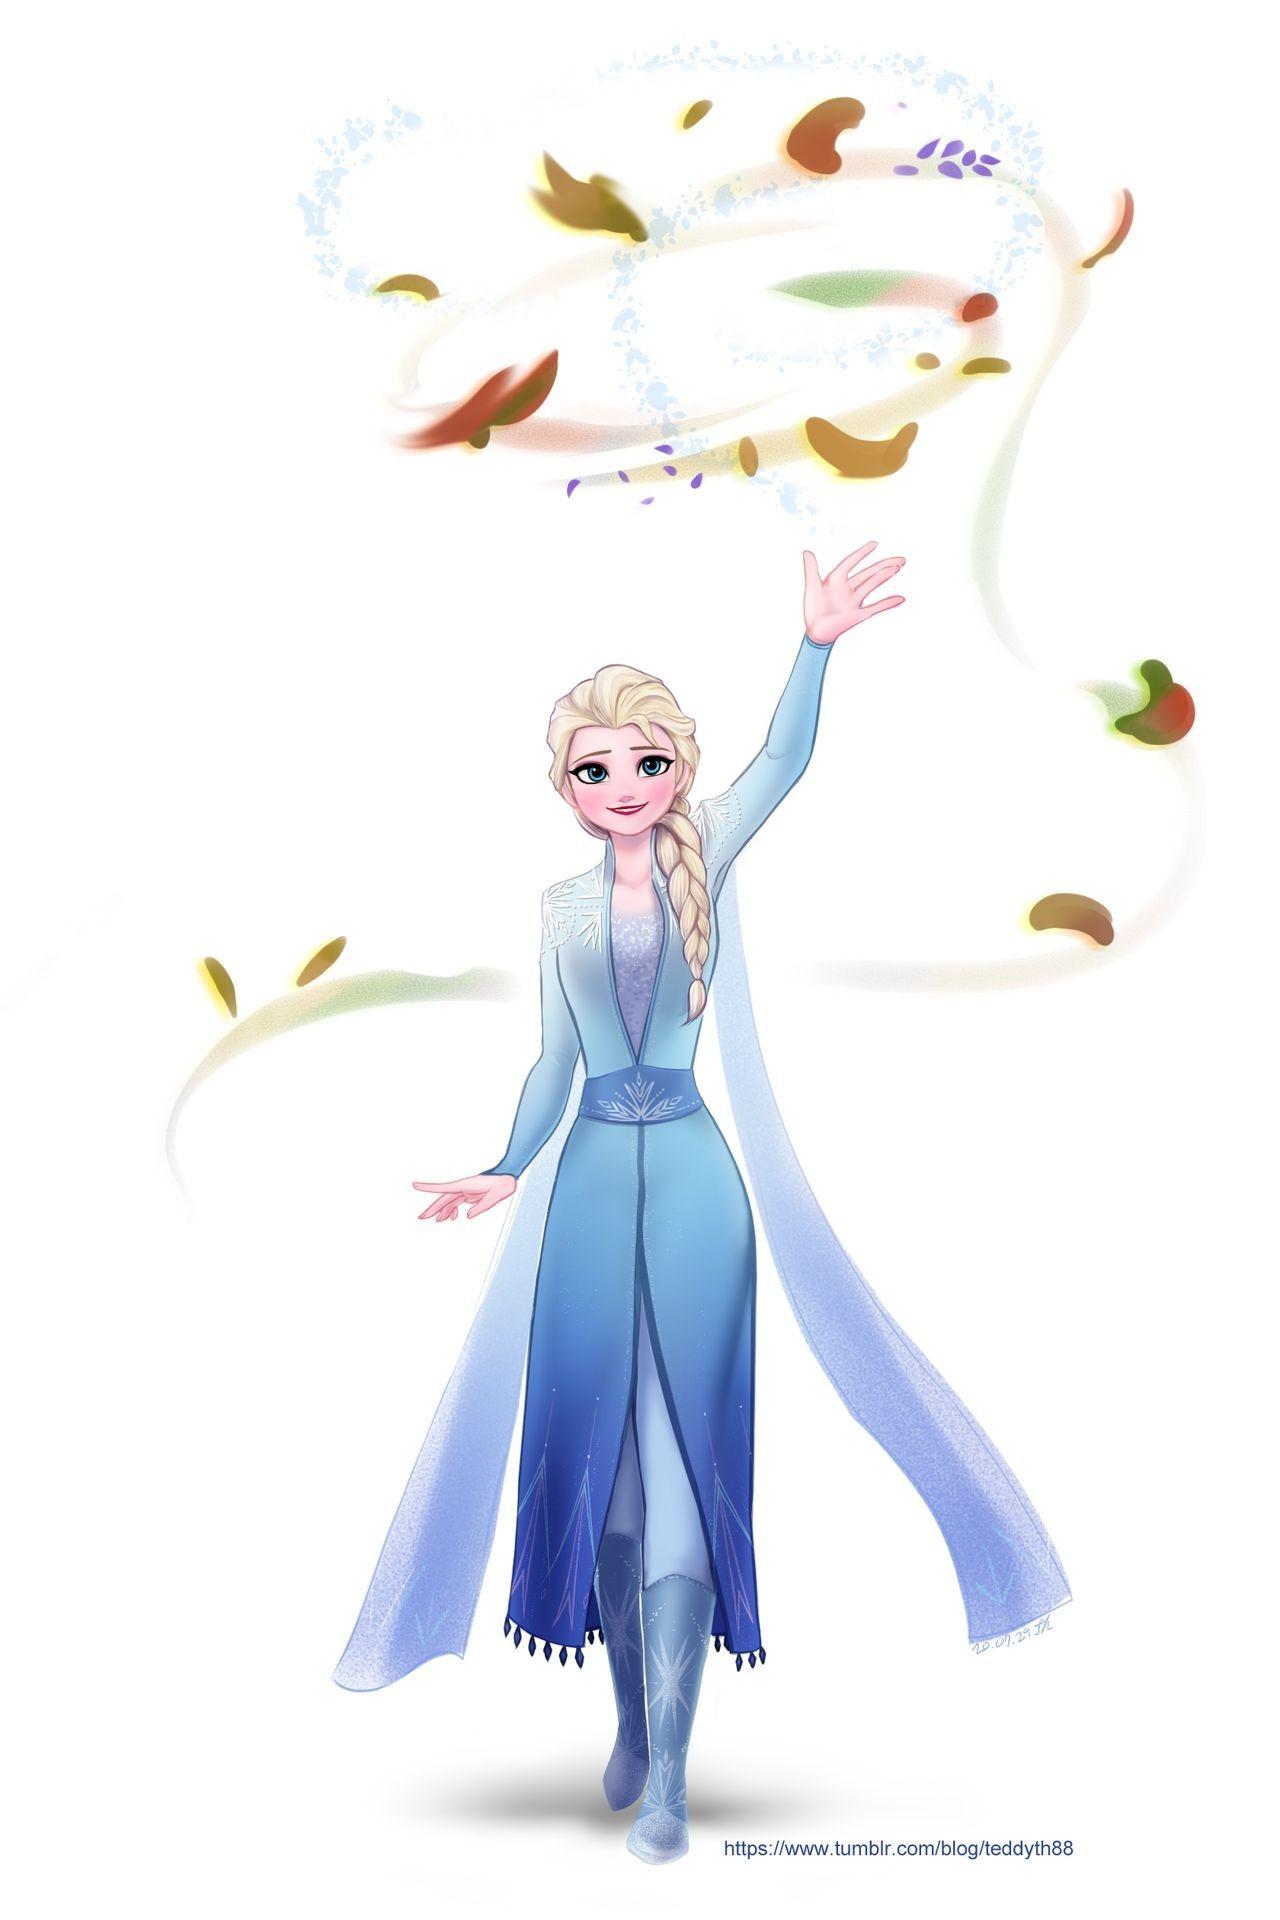 Pin By Laura Jean On Frozen Disney Cuties Disney Artists Disney Frozen Elsa